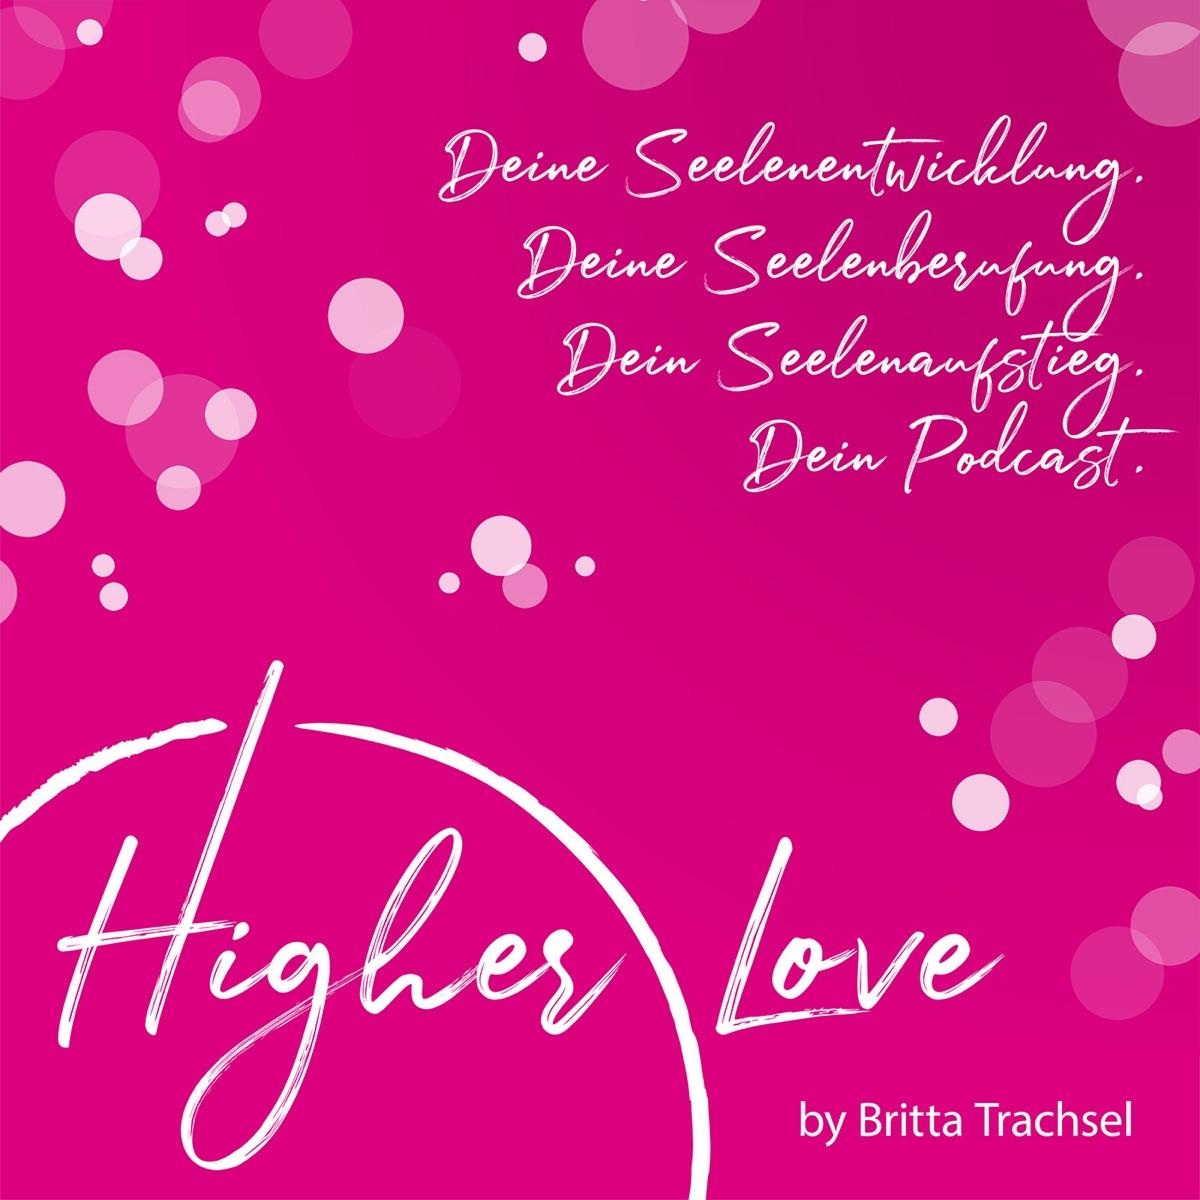 Higher Love - Dein Podcast für Deine Seelenentwicklung, Deine Seelenberufung und Deinen Seelenaufstieg